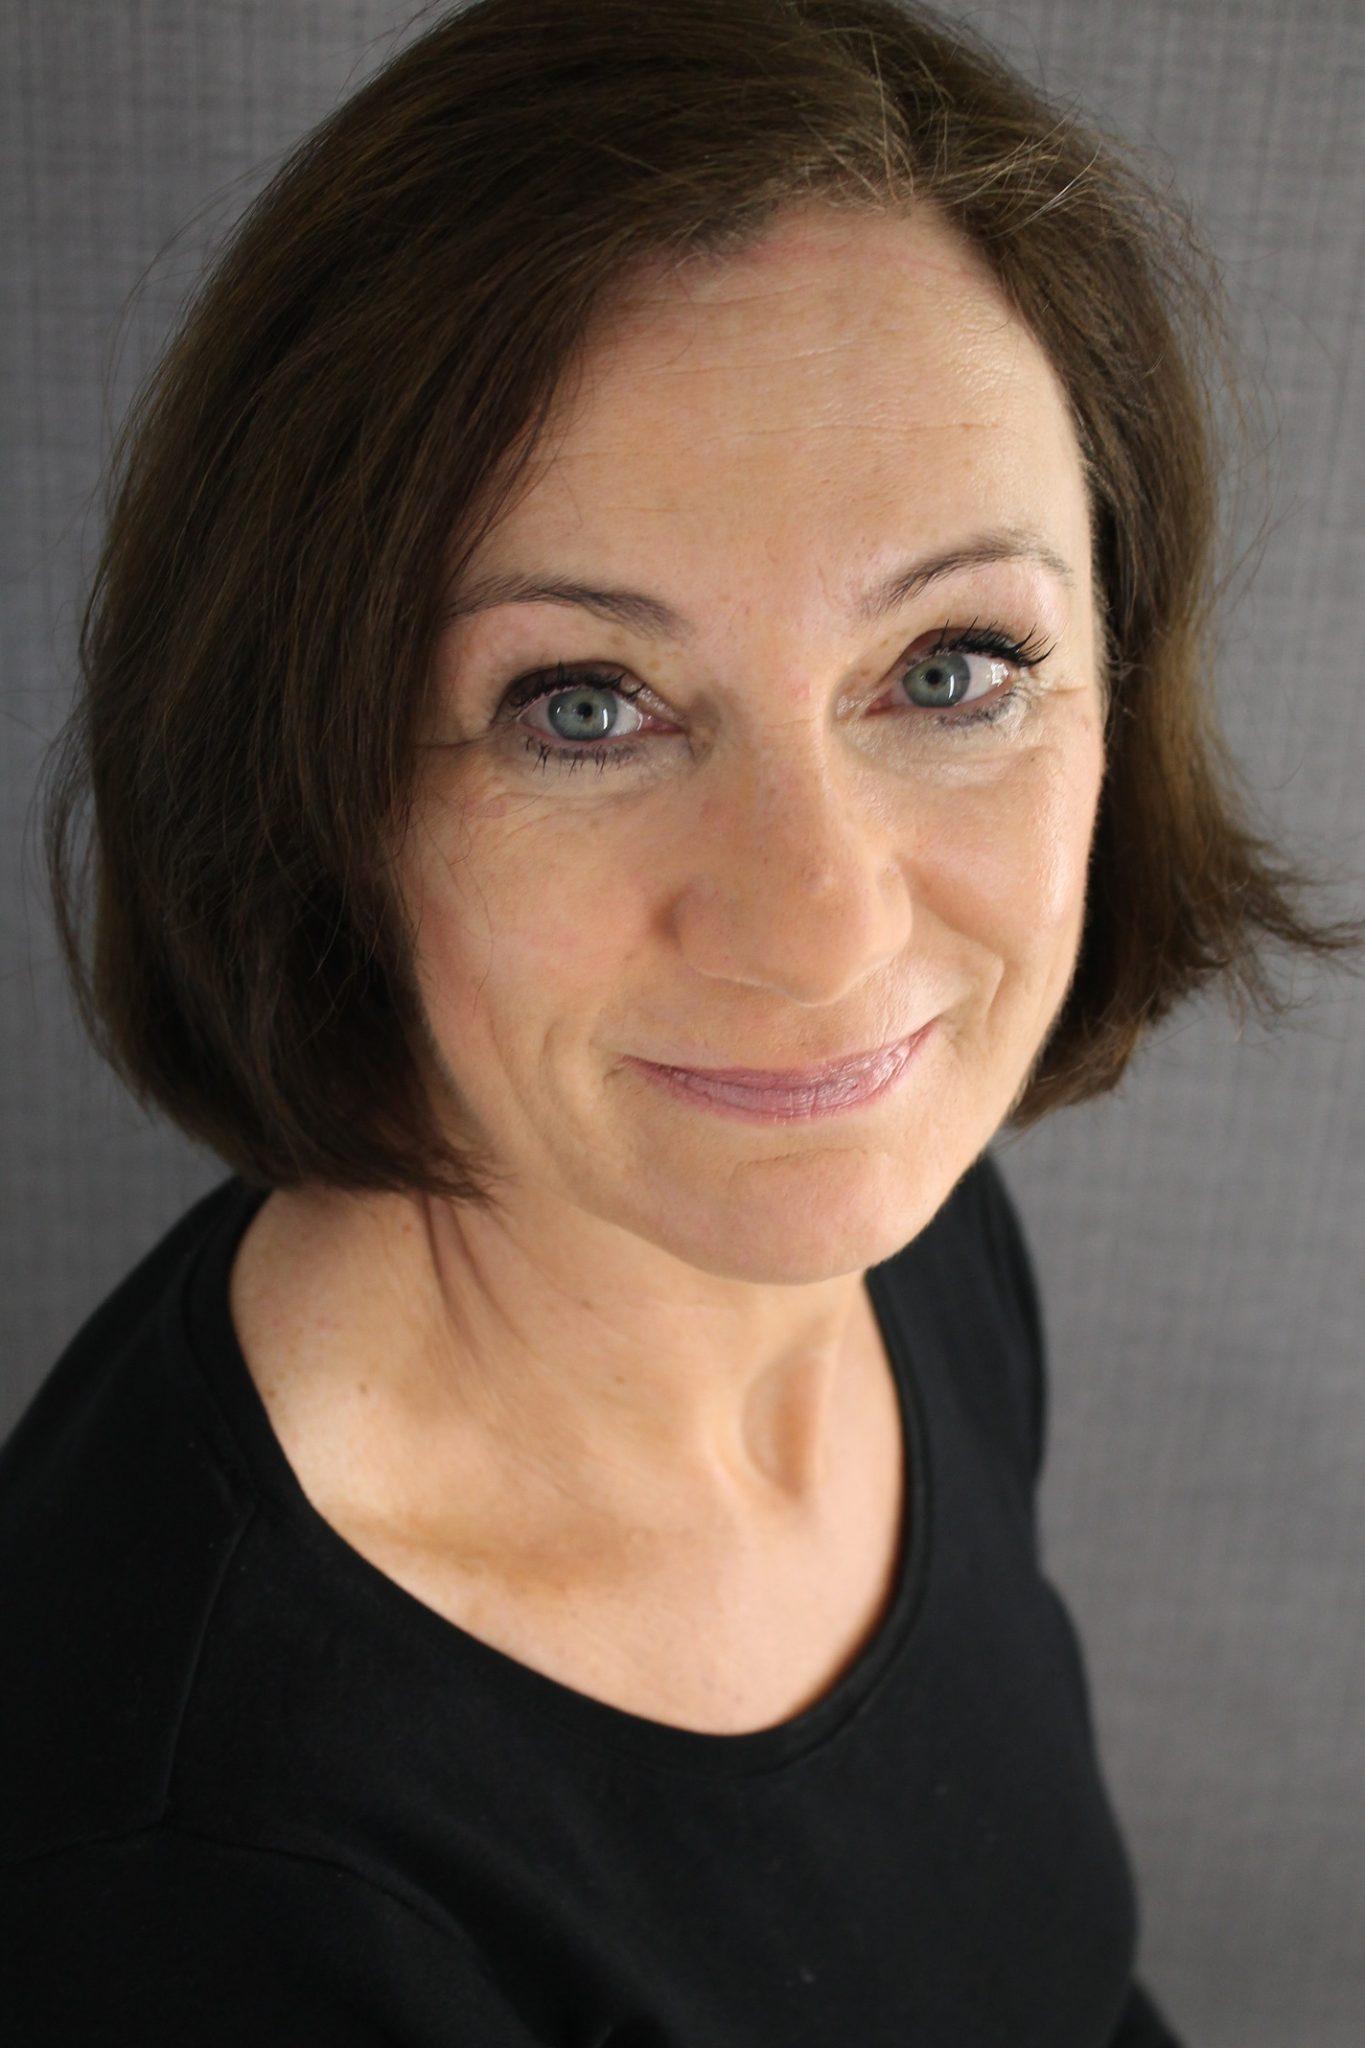 Bettina Härtel